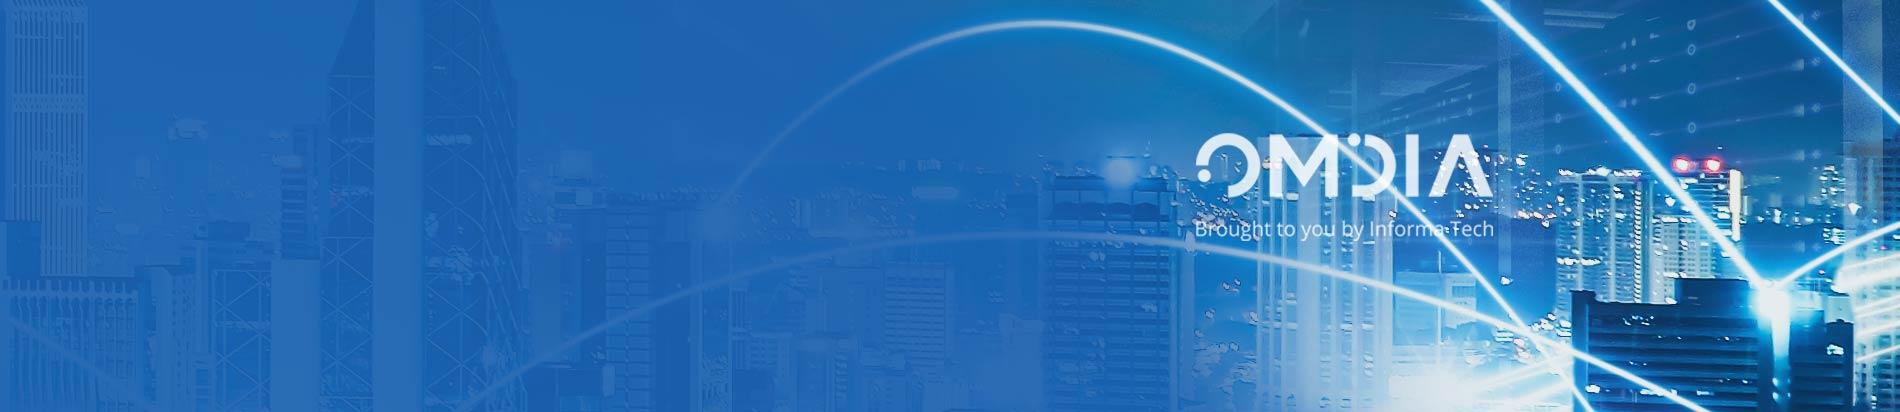 Webinar: Addressing fiber network challenges to deliver 5G